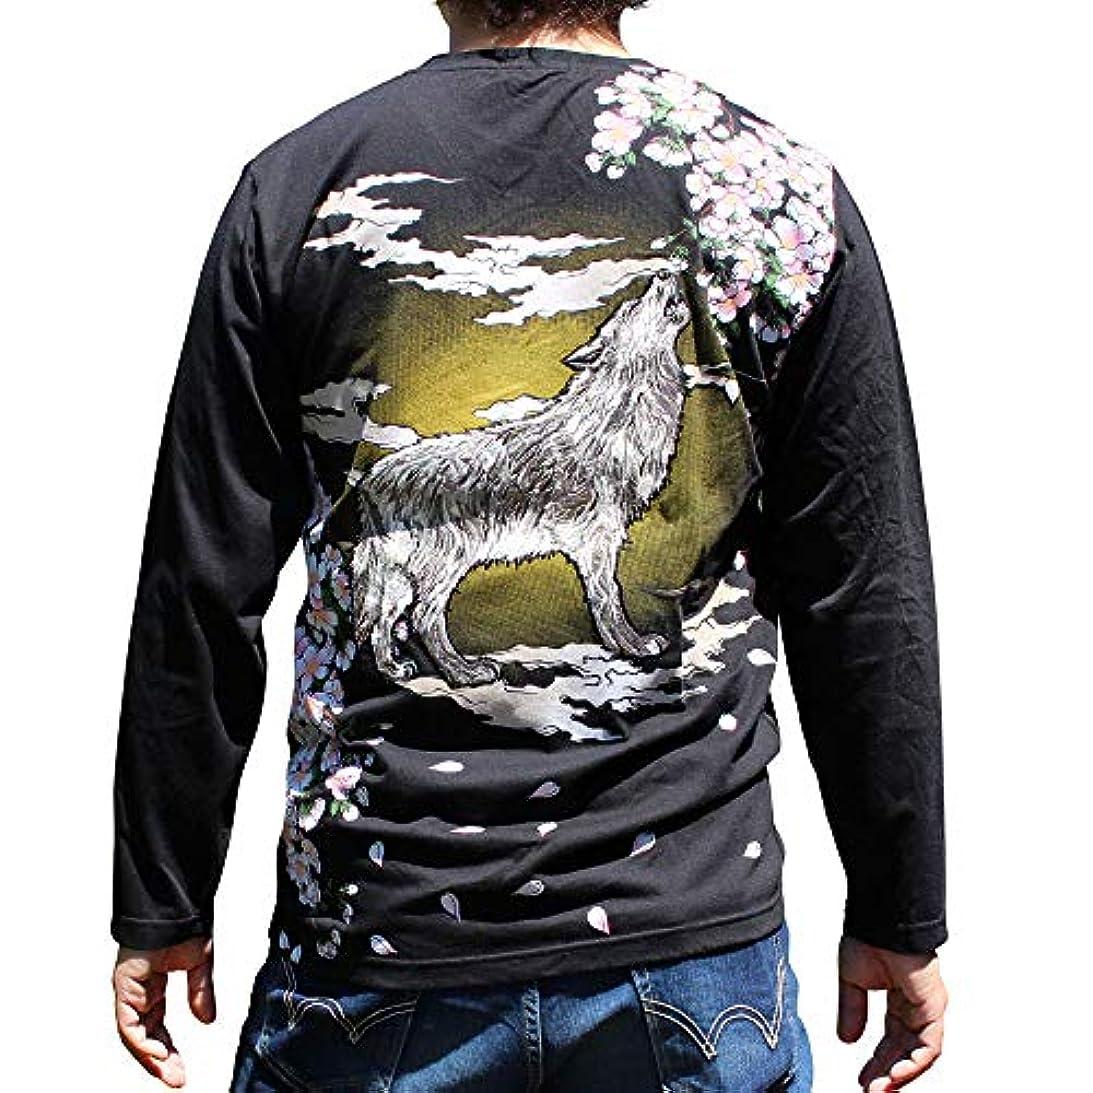 文パウダー信者【T183-3】【和柄ロンT】和柄刺繍長袖Tシャツ 和柄ロンT 狼刺繍絡繰魂和柄長袖Tシャツ